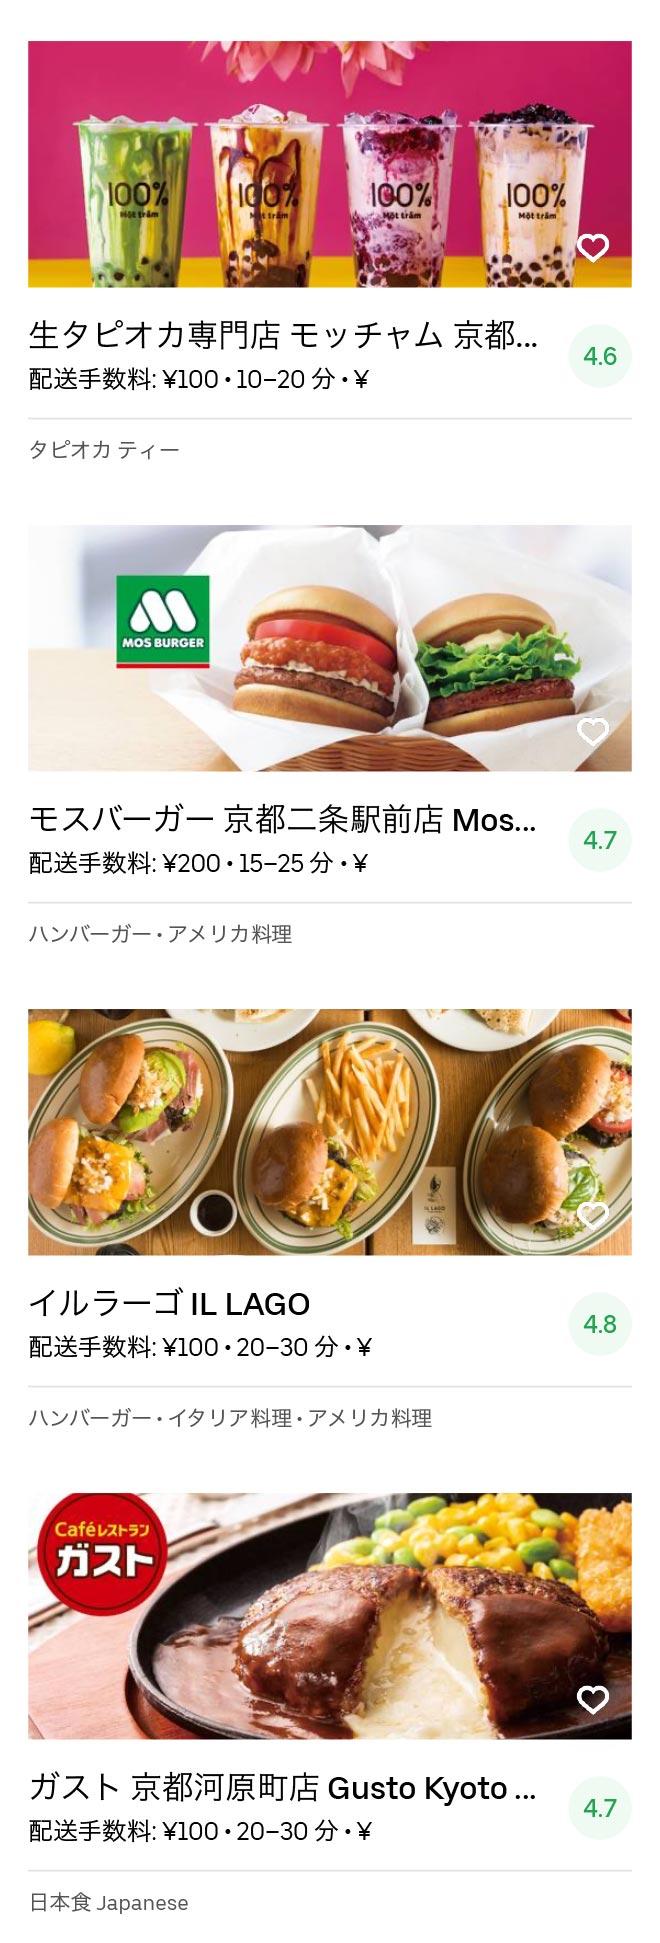 Kyoto karasuma menu 2005 06